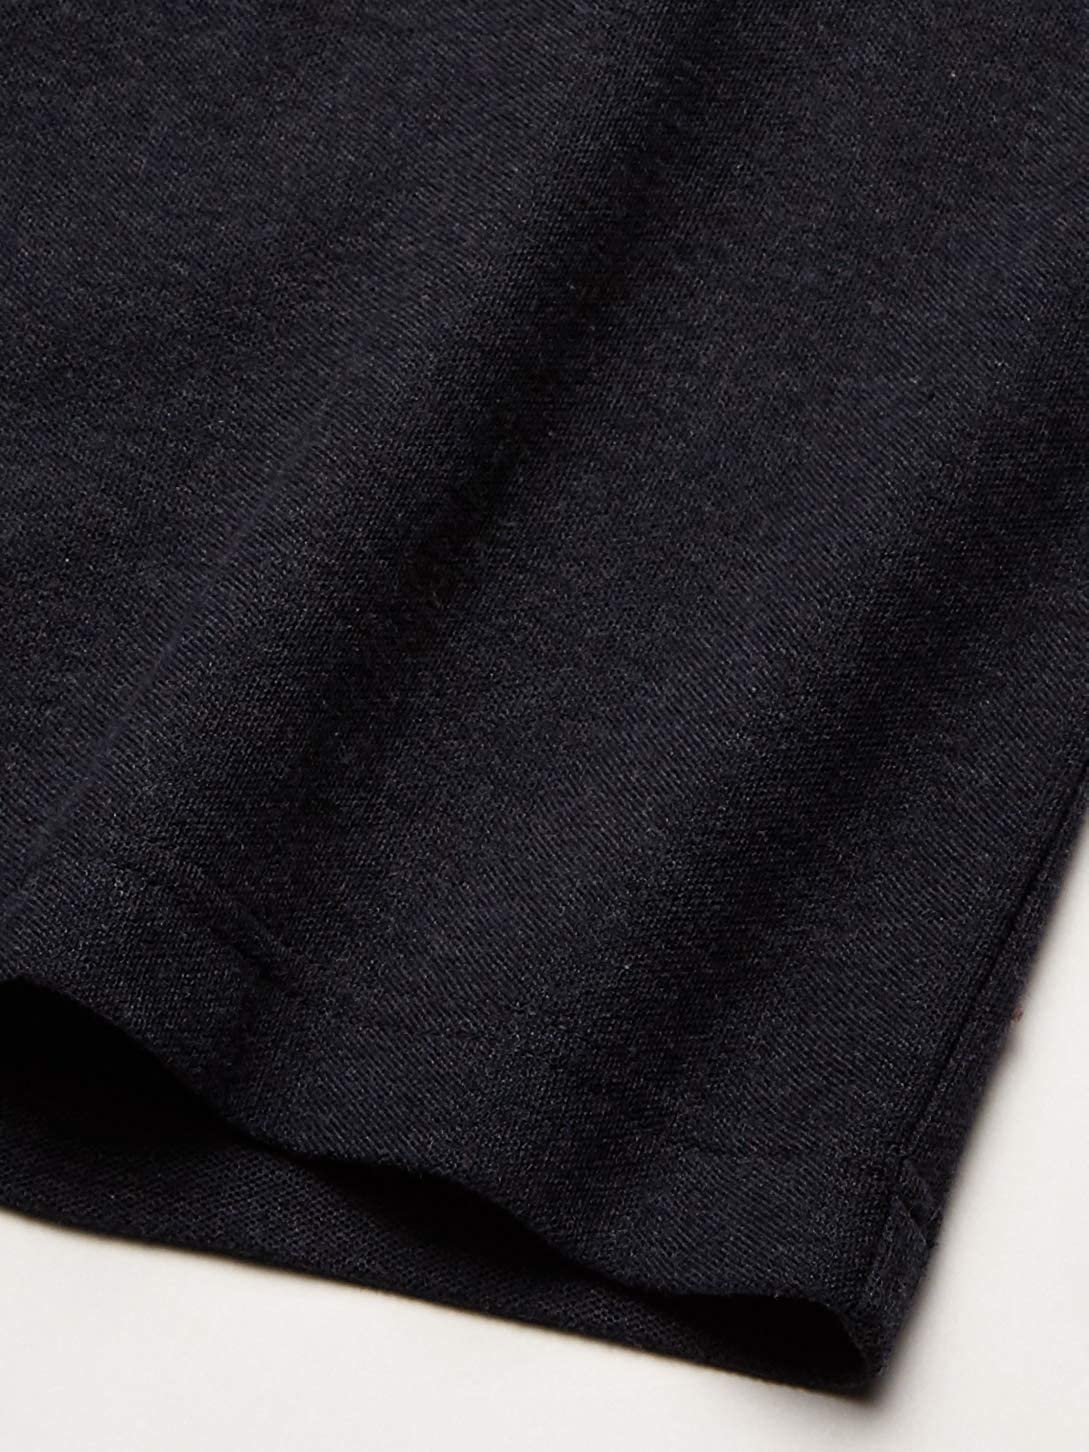 ORIGINAL PENGUIN Mens Short Sleeve Contrast Collar Polo Polo Shirt